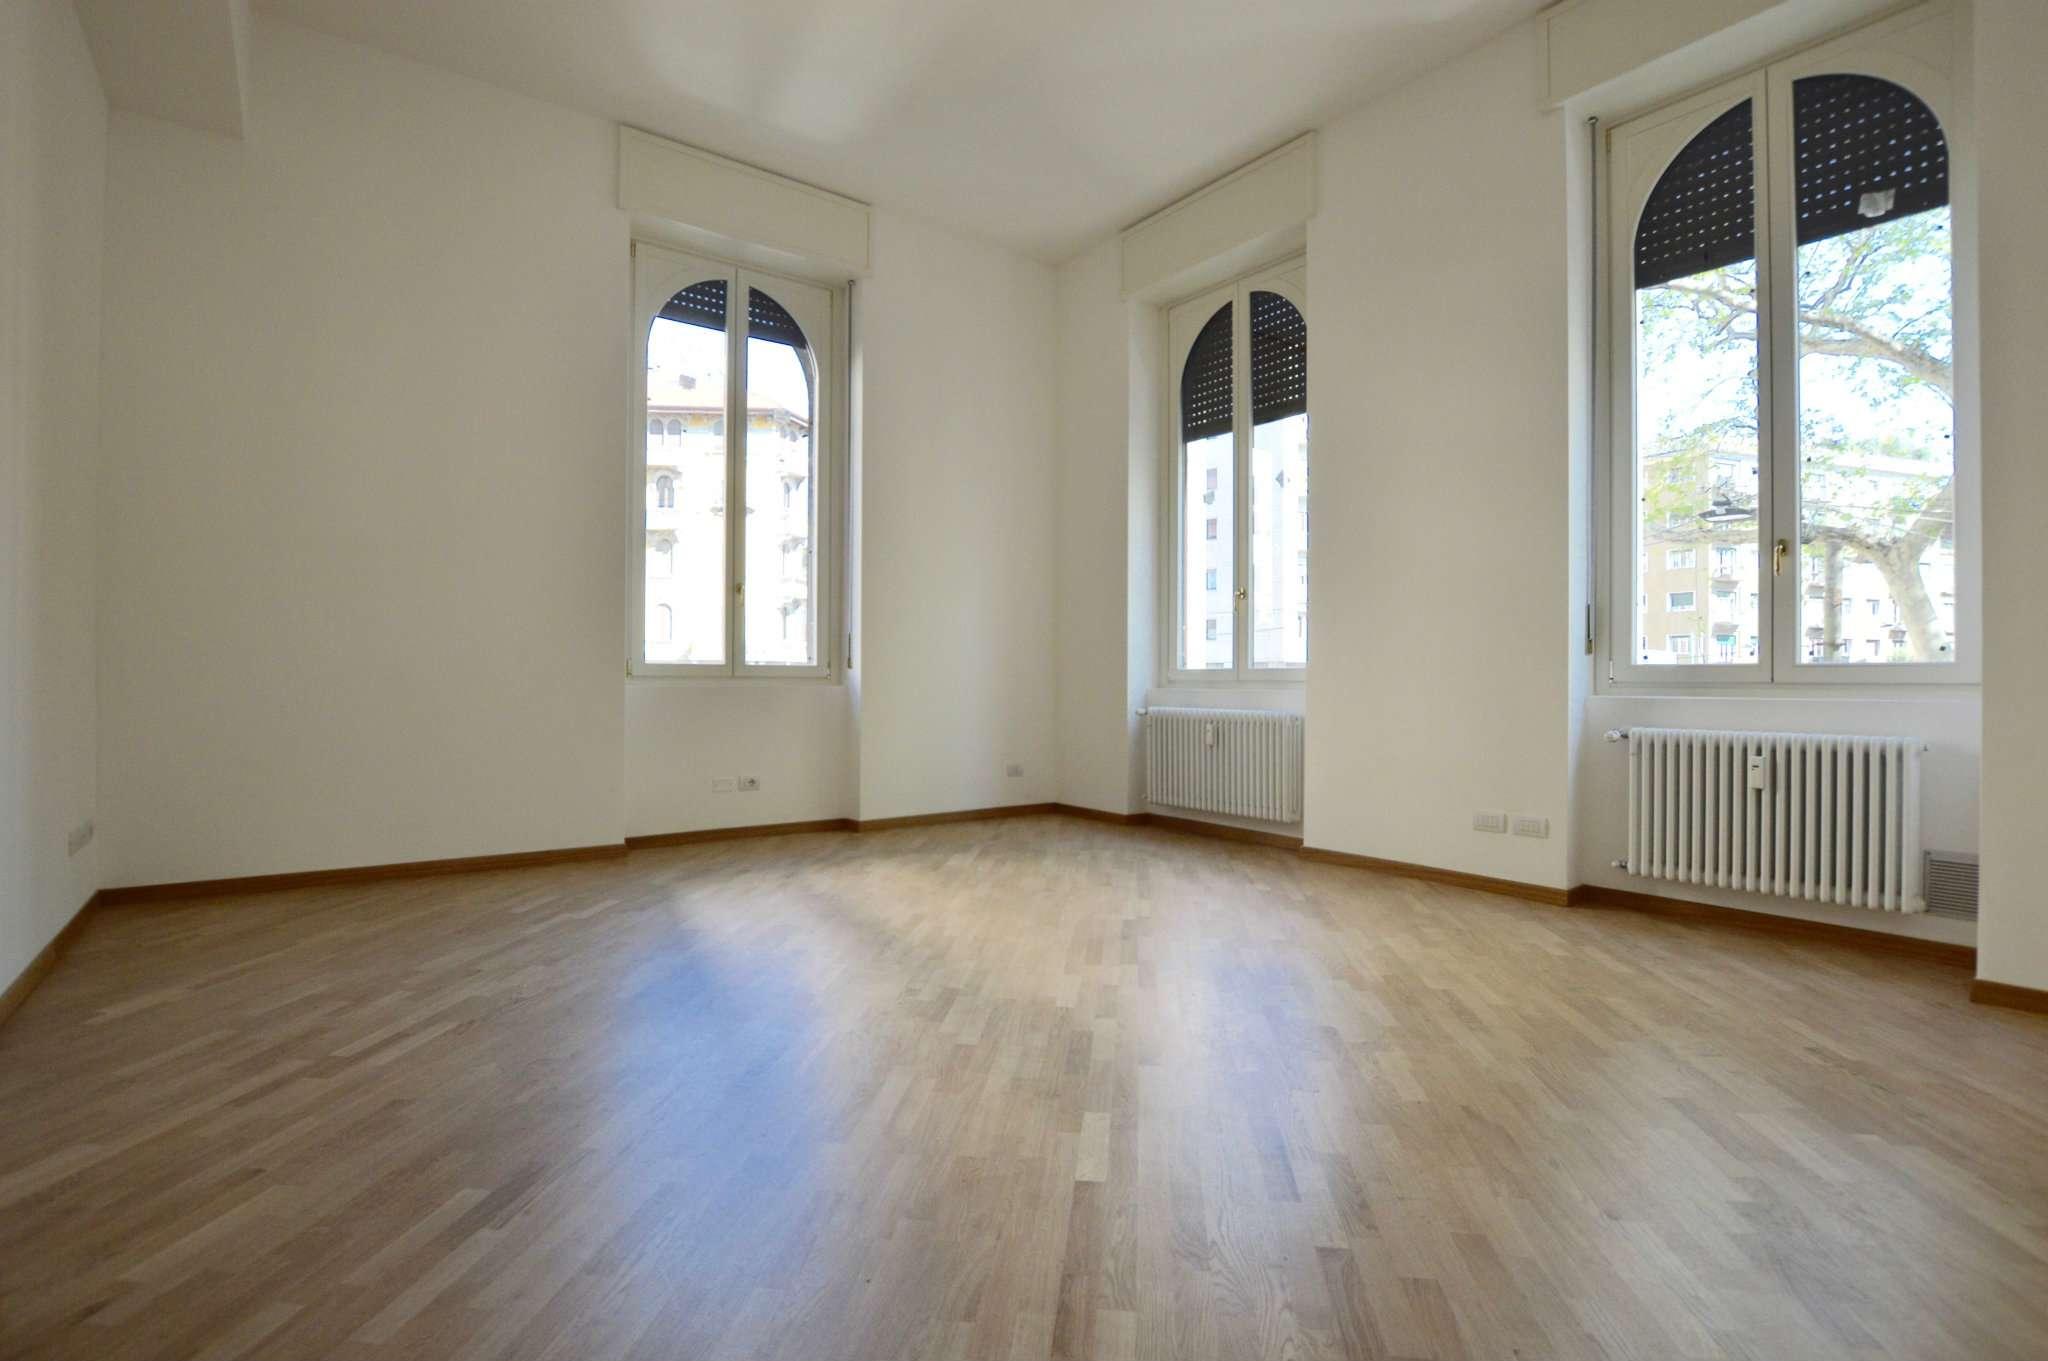 Appartamento in Affitto a Milano 01 Centro storico (Cerchia dei Navigli):  3 locali, 110 mq  - Foto 1